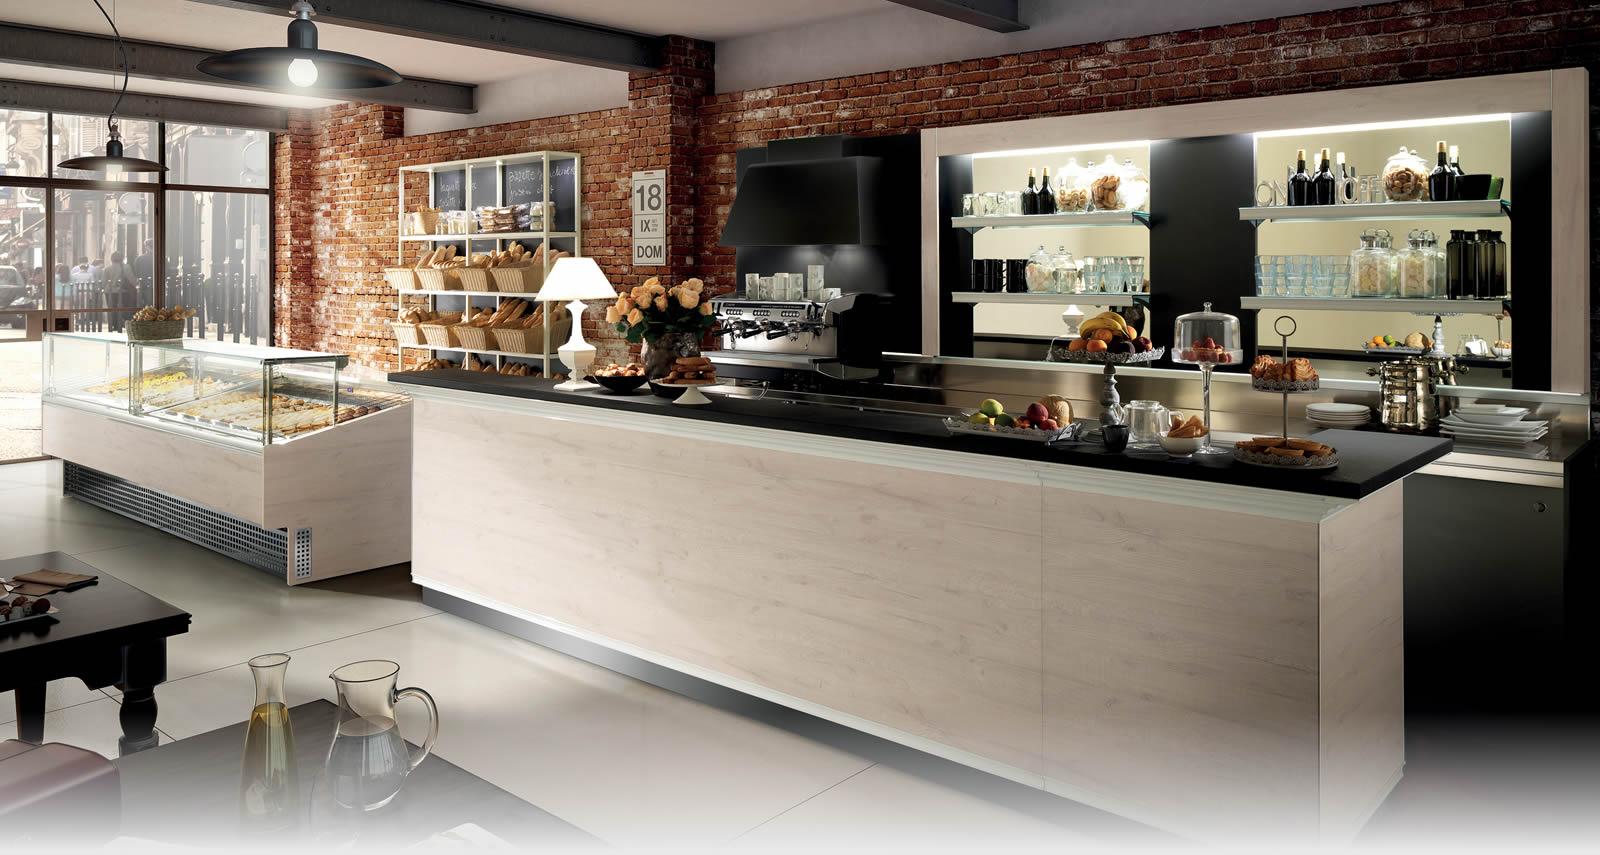 Arredo bar e negozi torino arredamenti sumisura for Arredi bar usati